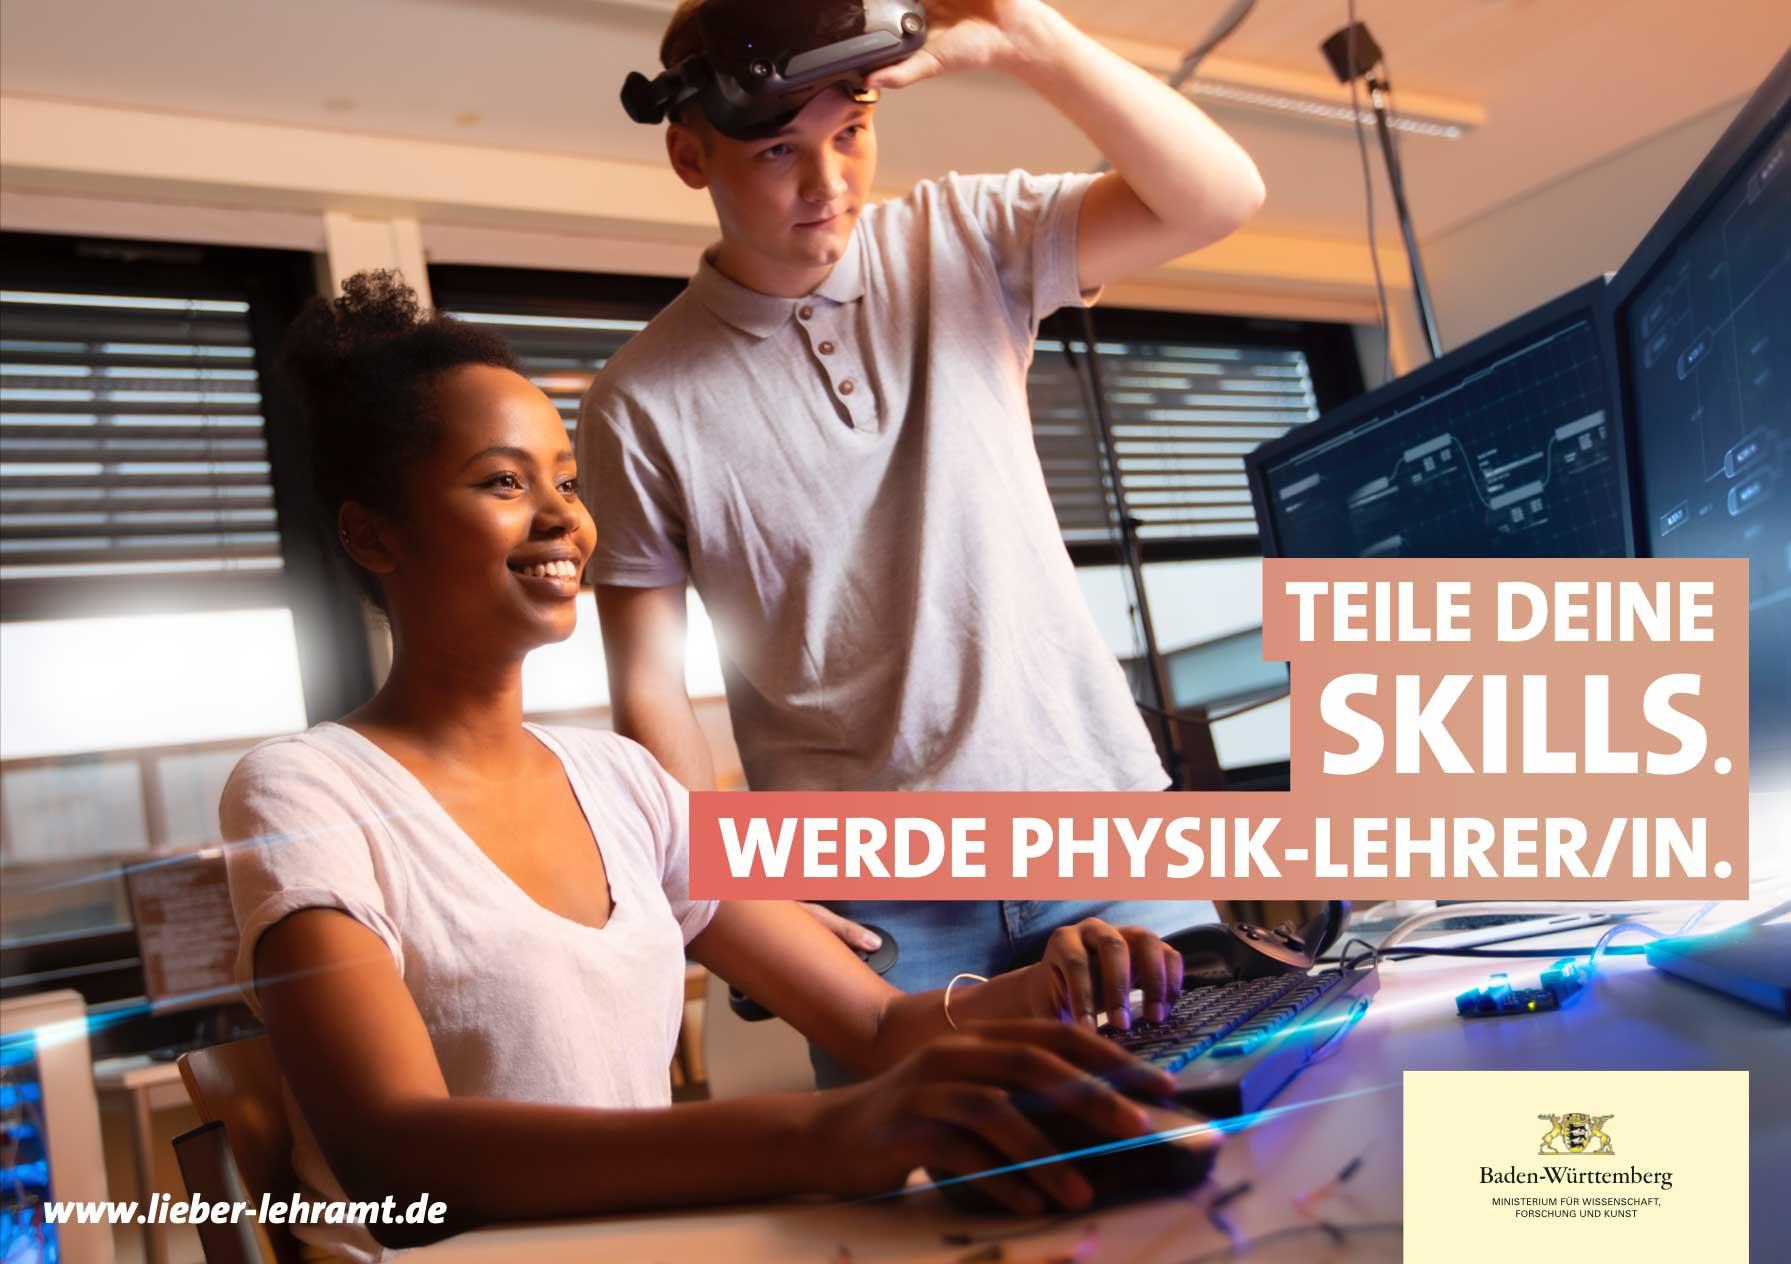 Teile Deine Skills. Werde Physik-Lehrer/in. Zwei physikinteressierte Jugendliche arbeiten im Physik-Labor.